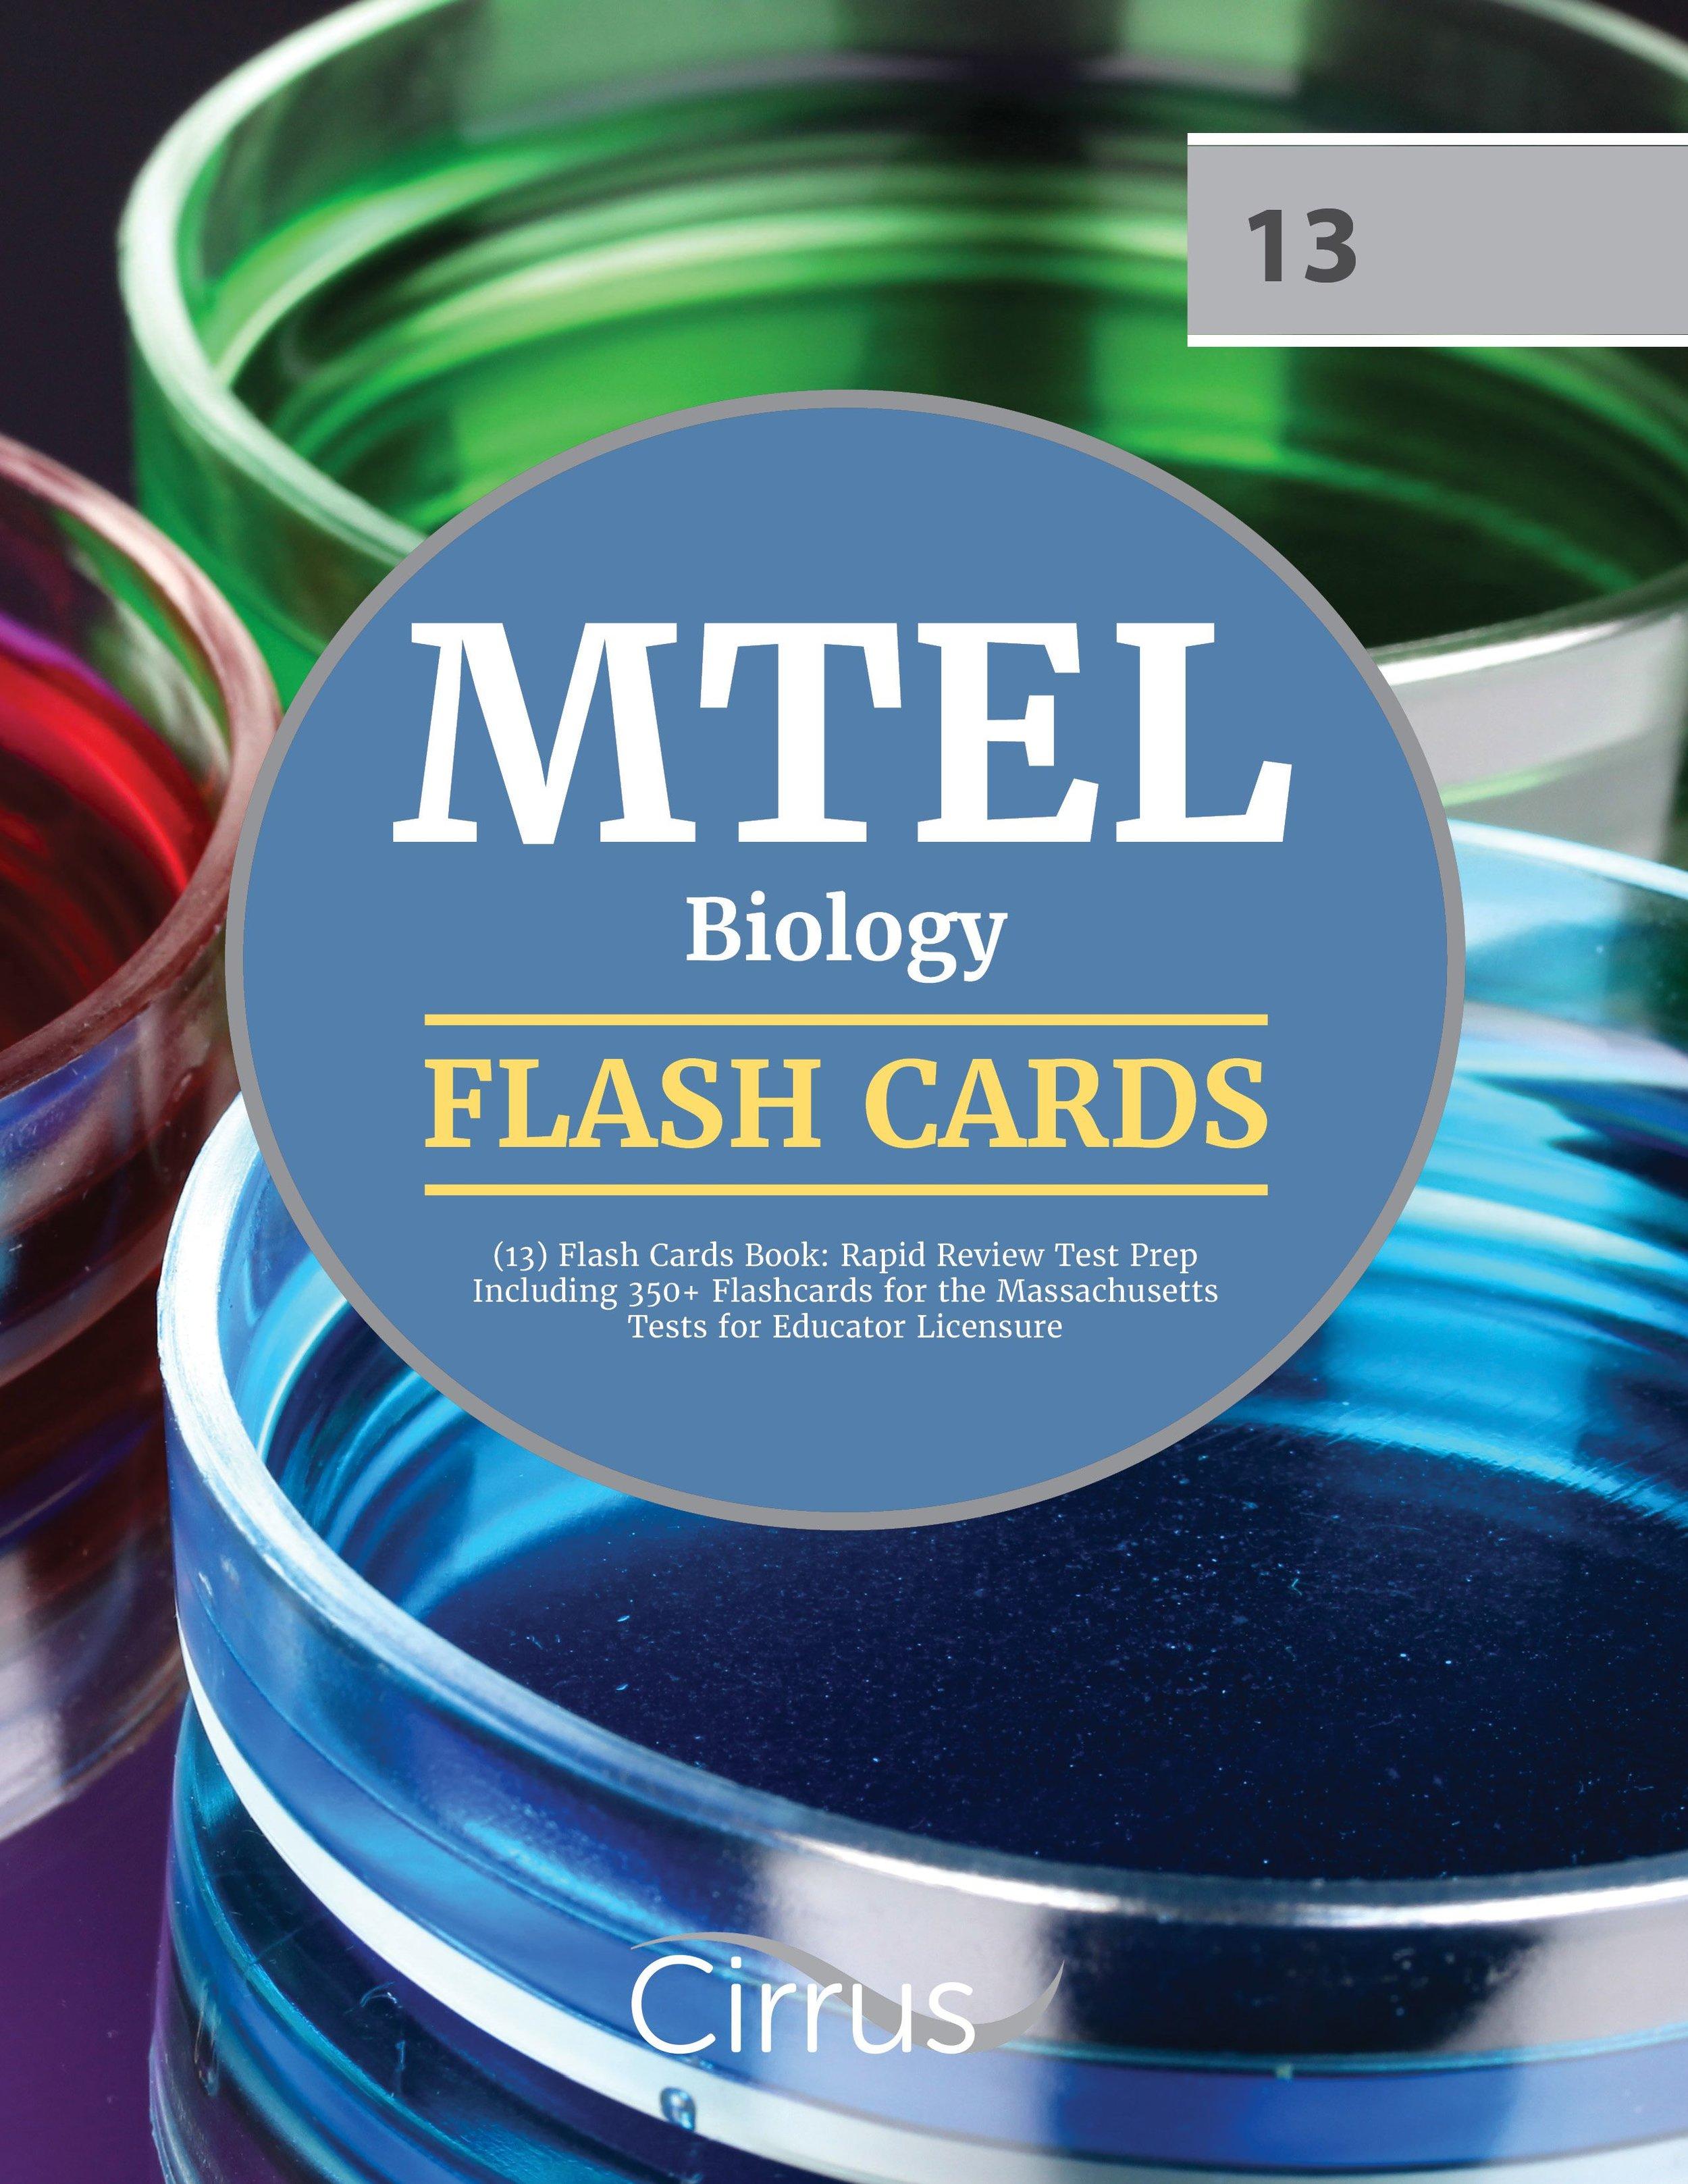 MTEL Biology (13) Flash Cards Book